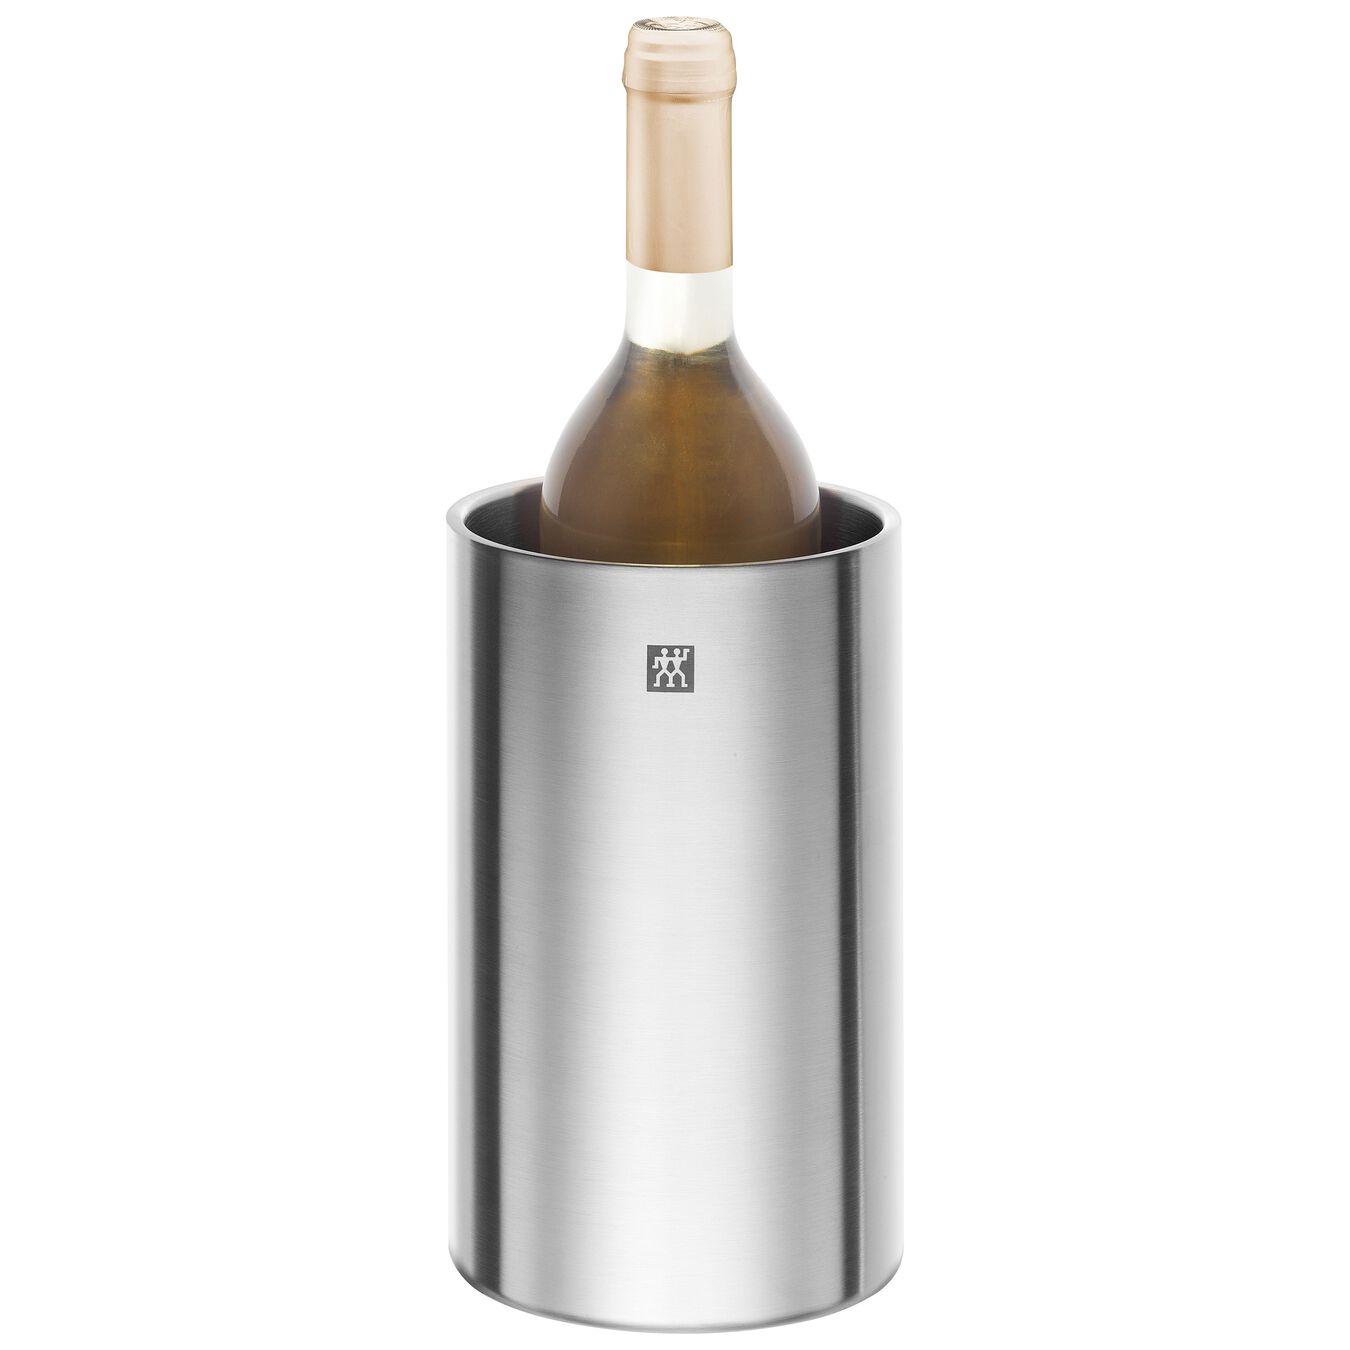 Weinkühler 1,8 l, mattiert,,large 2